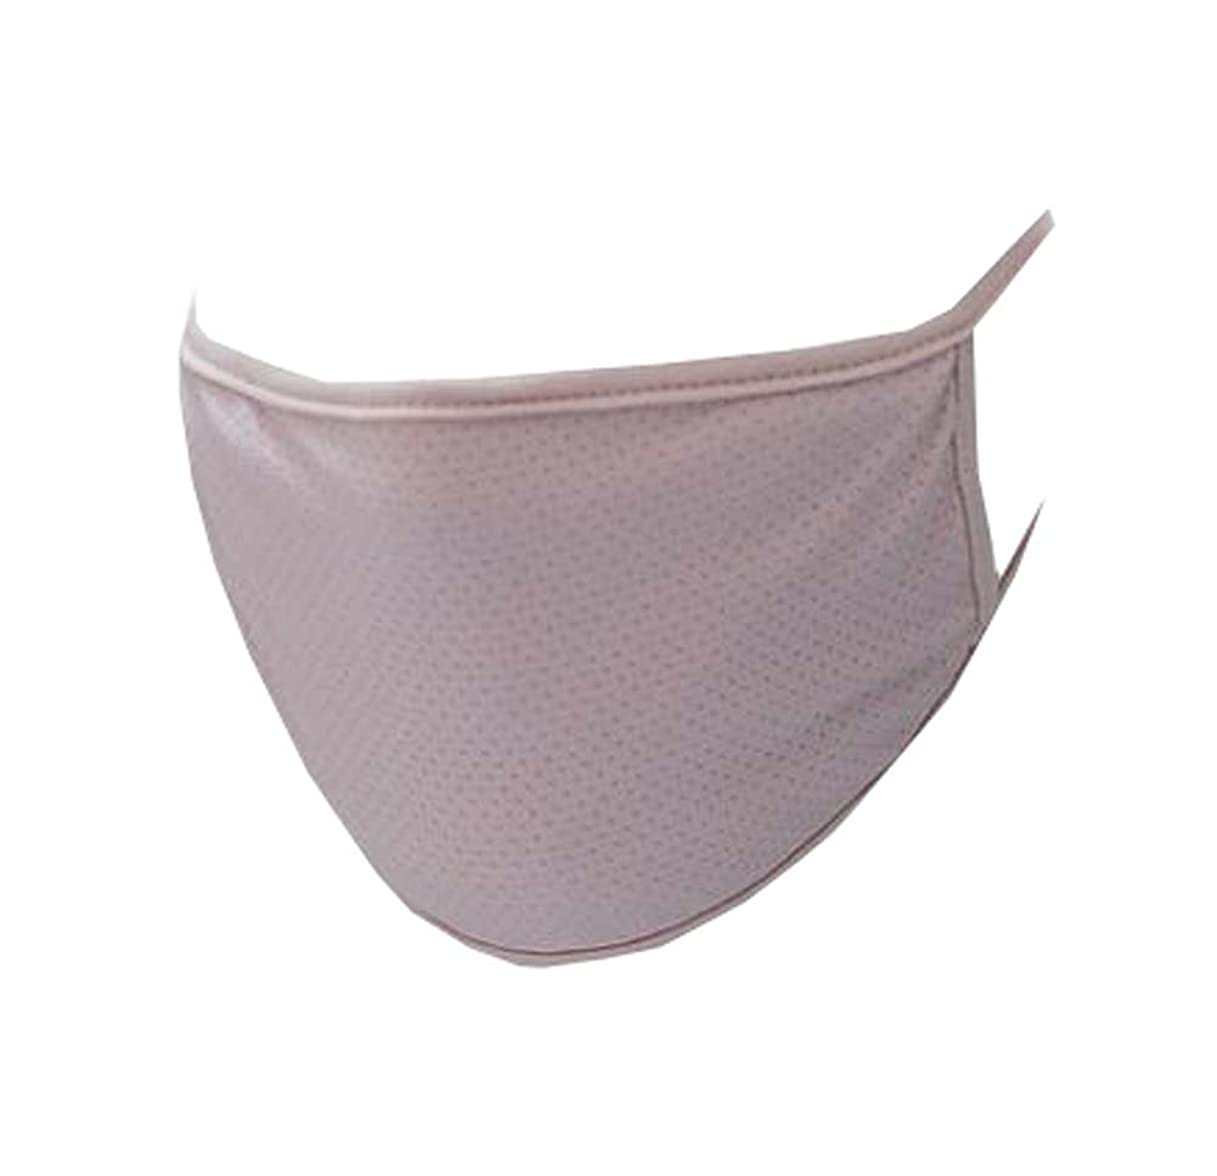 アジテーションメルボルン虹口マスク、再使用可能フィルター - 埃、花粉、アレルゲン、抗UV、およびインフルエンザ菌 - F